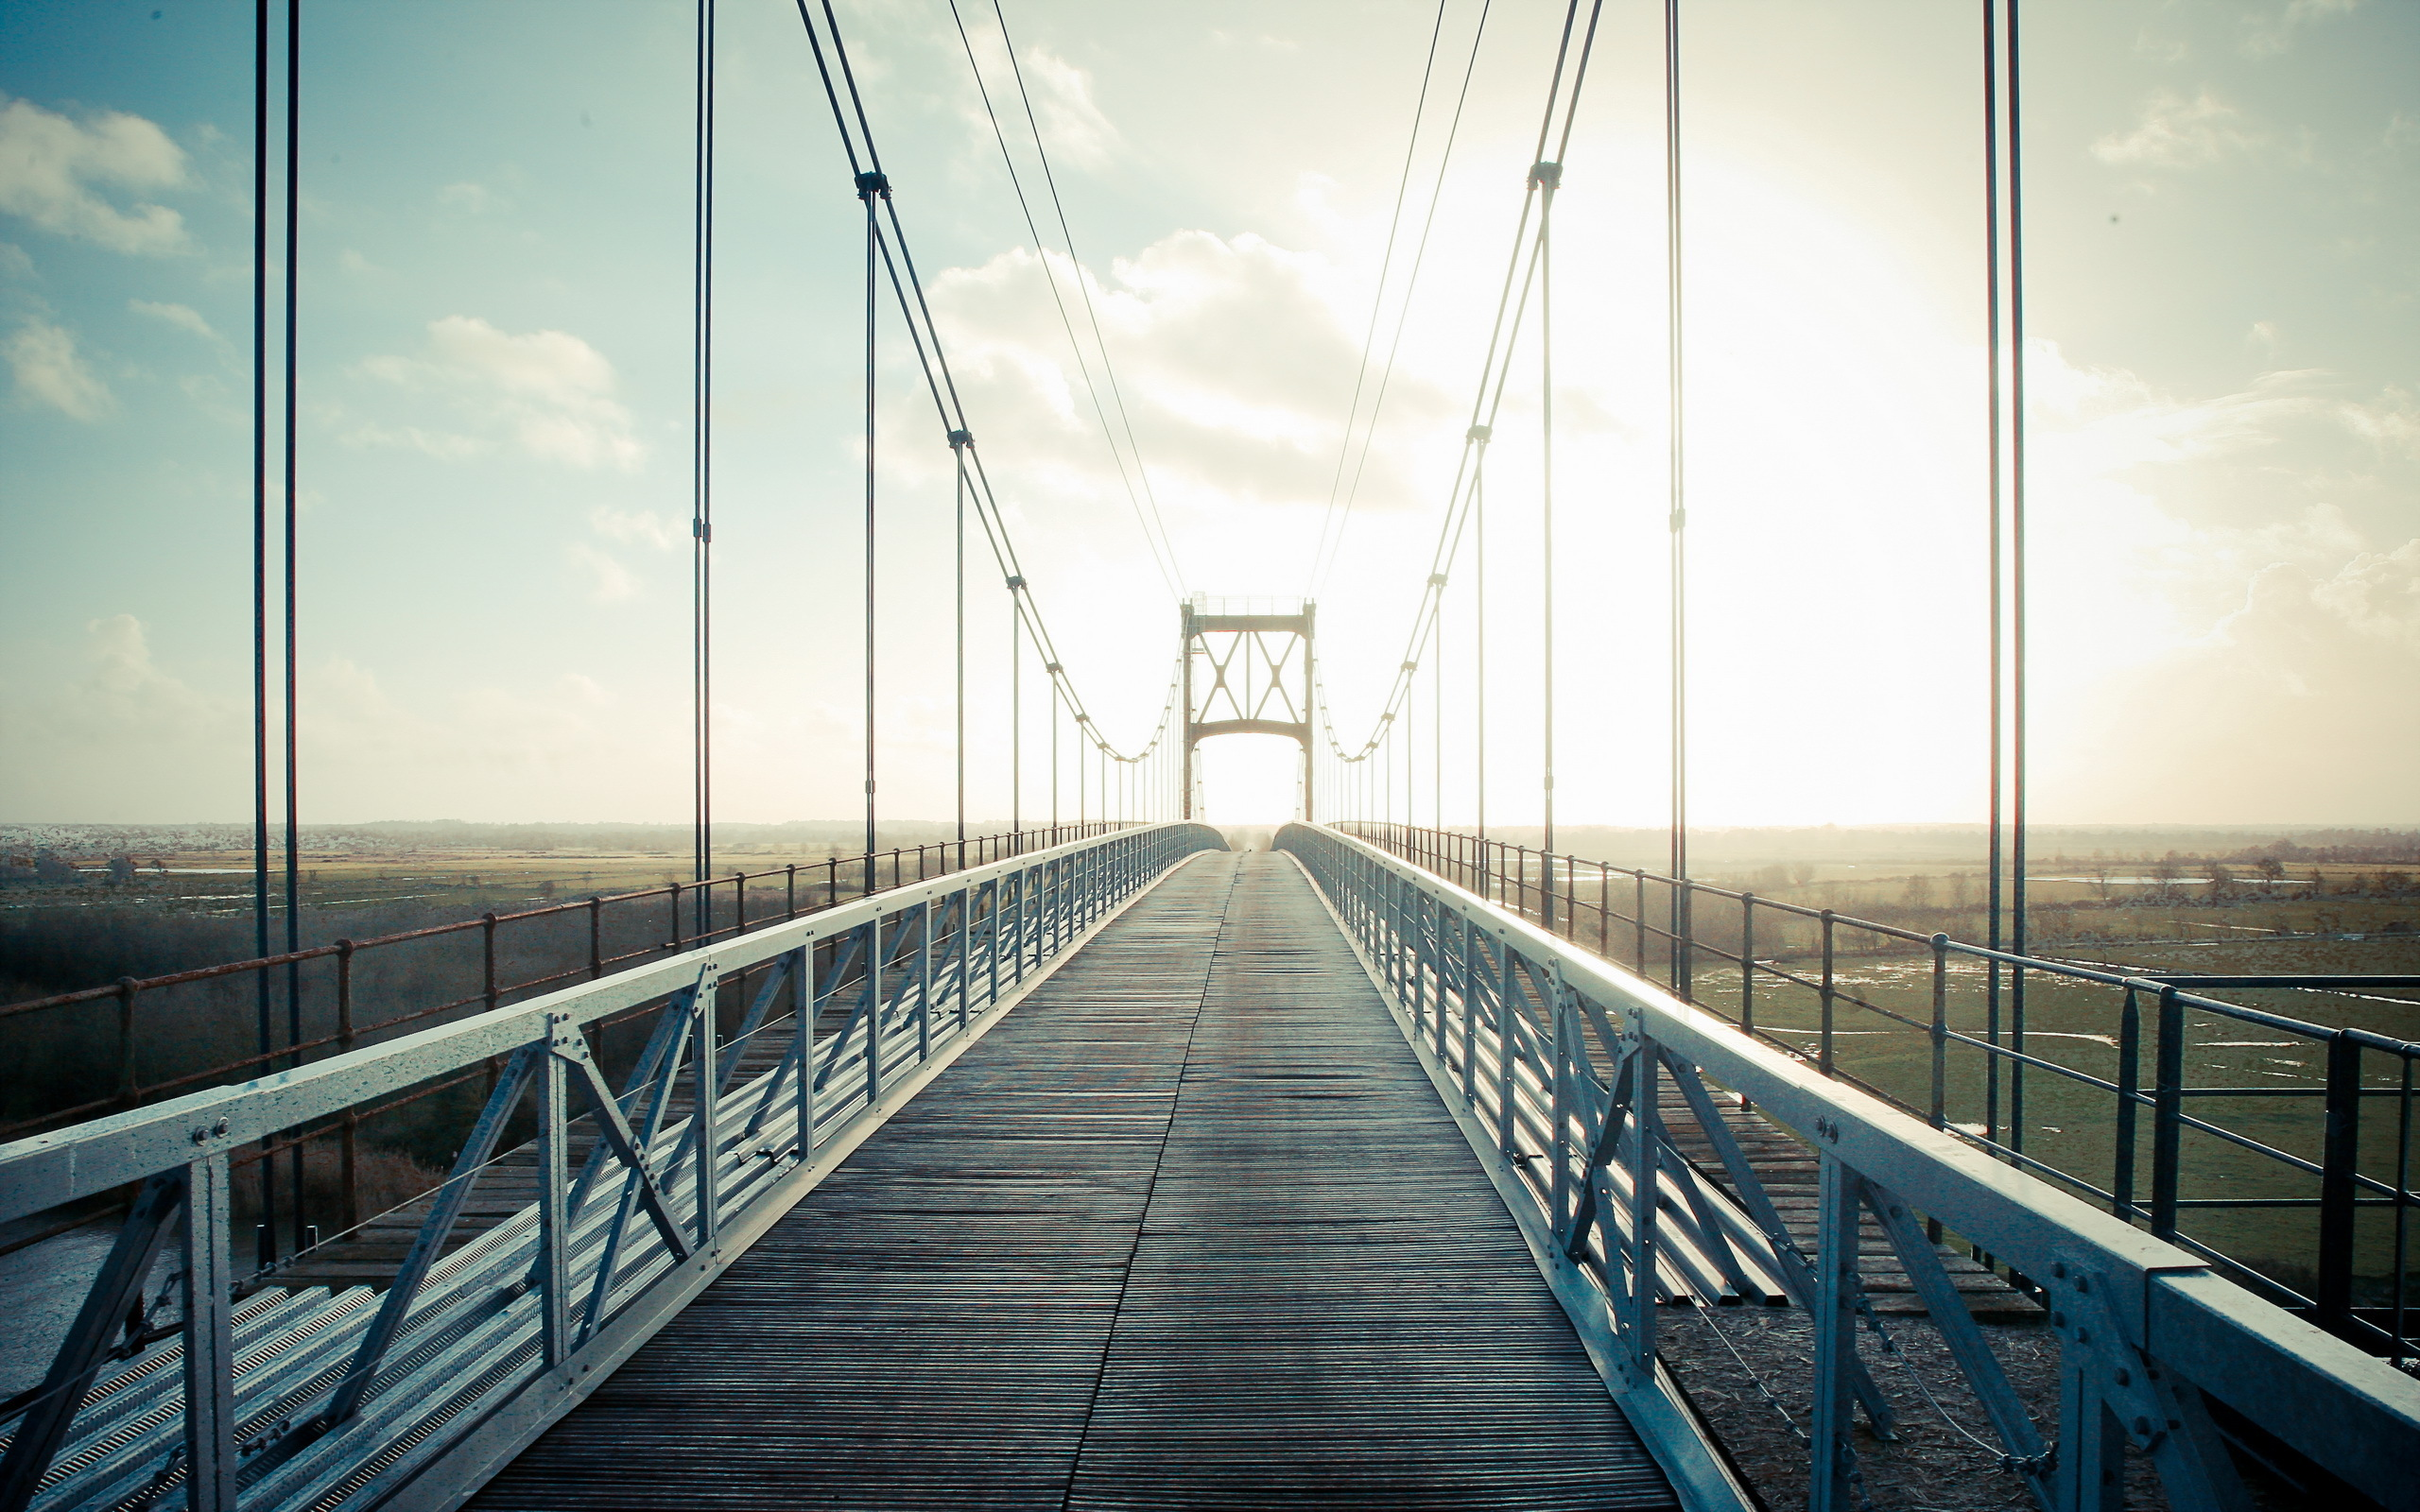 Мост над дорогой  № 2225331 бесплатно